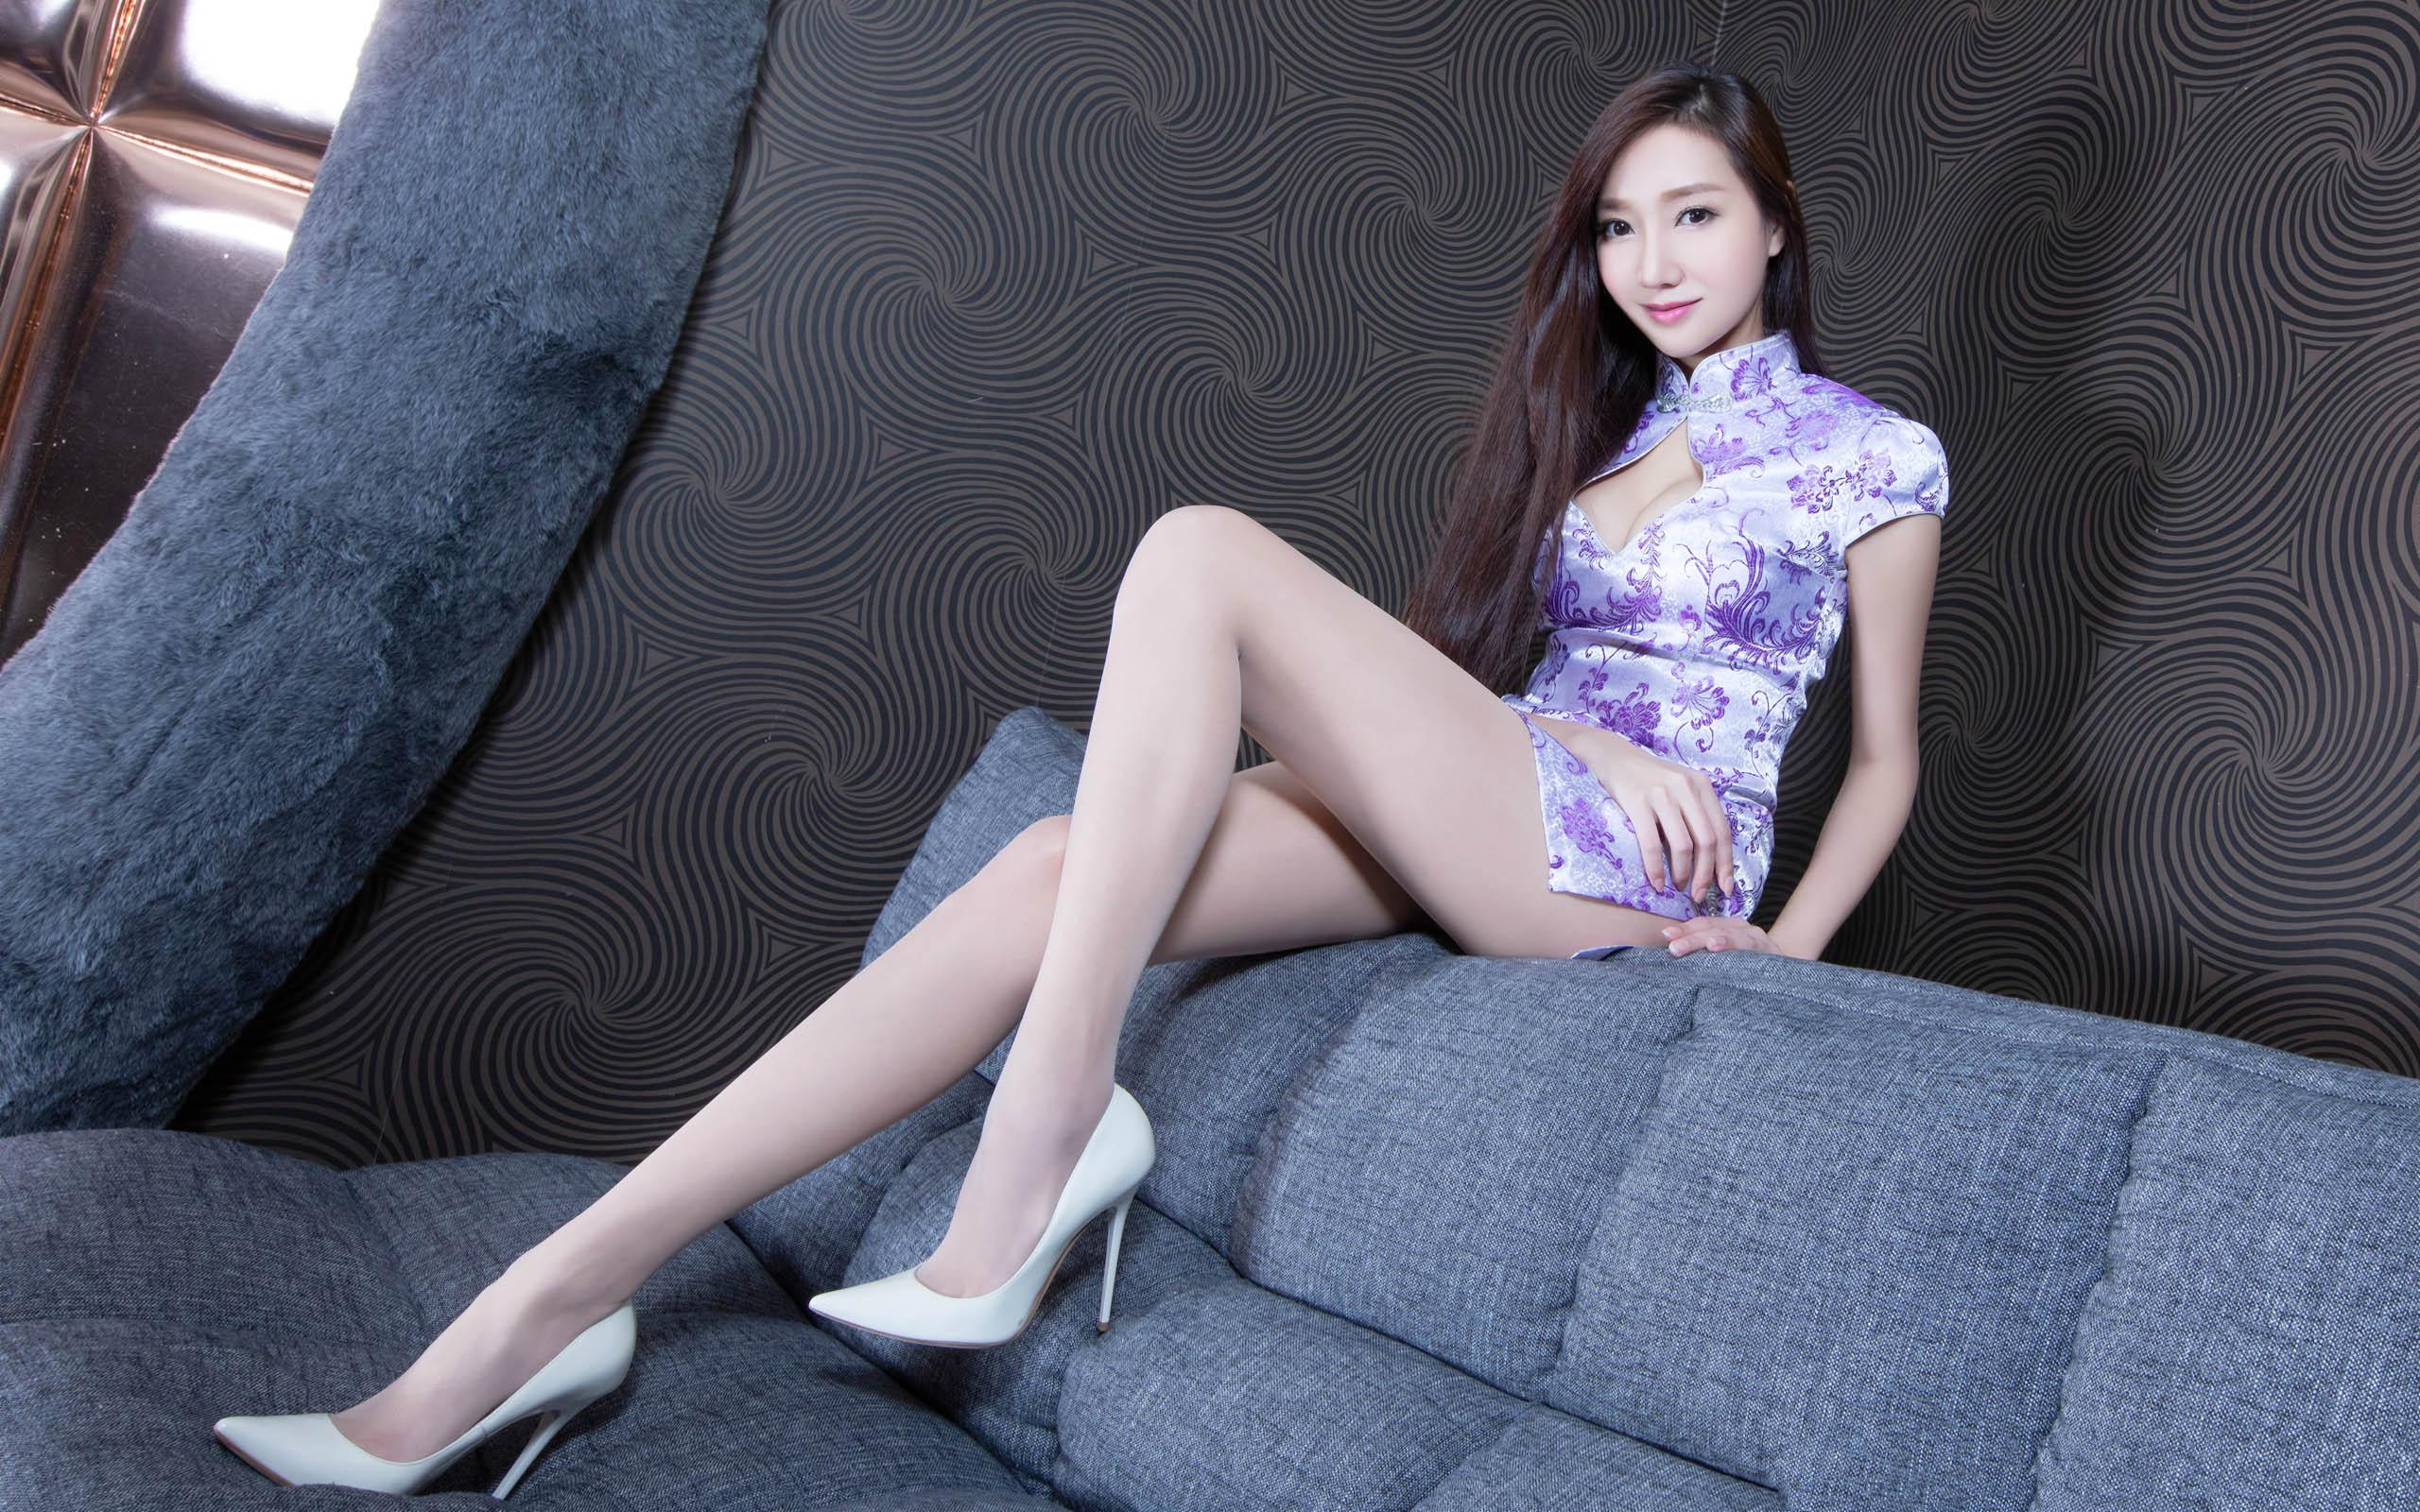 臺灣美腿美女Tina - 花開有聲 - 花開有聲